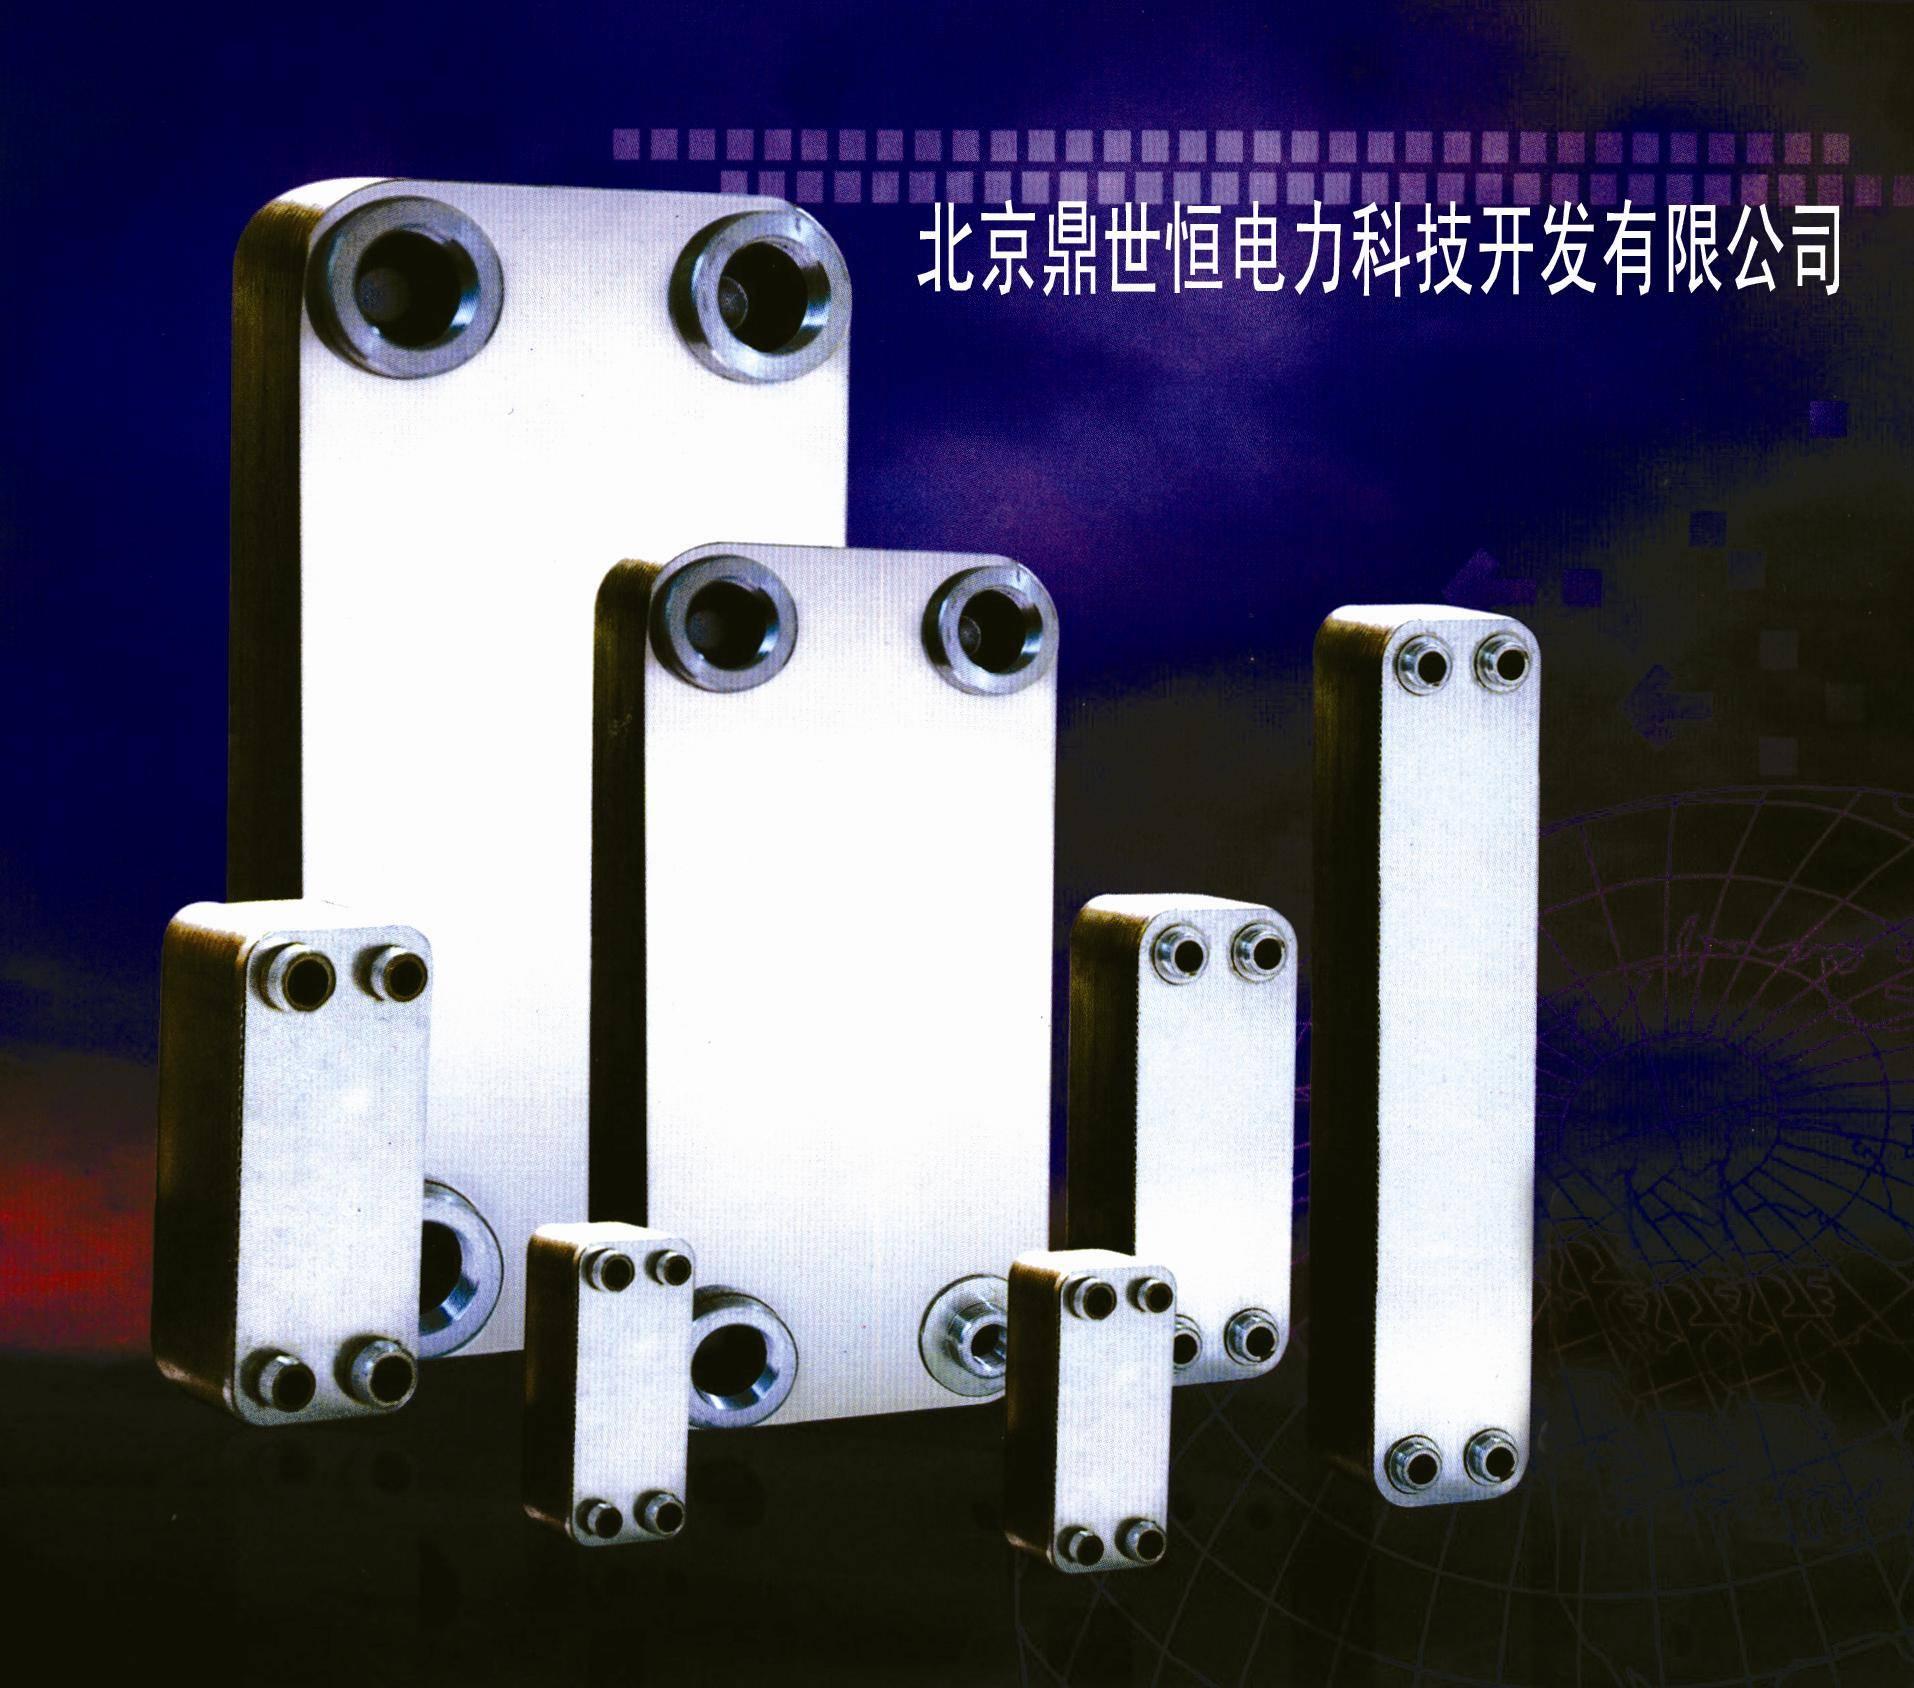 钎焊板式换热器主要特点: 1,结构紧凑,容易安装 2,重量轻,仅相当于管